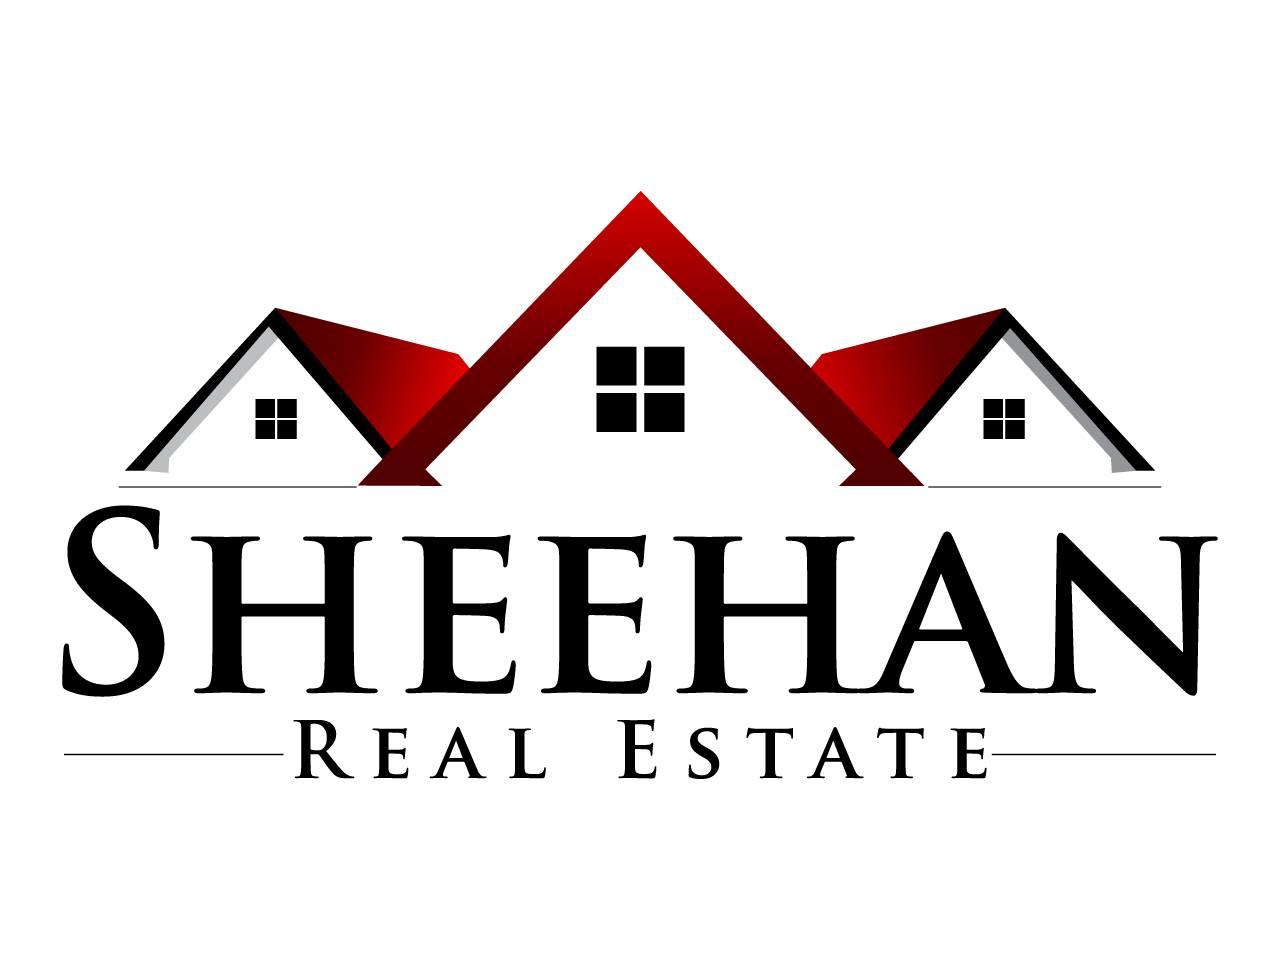 sheehan logo.jpg